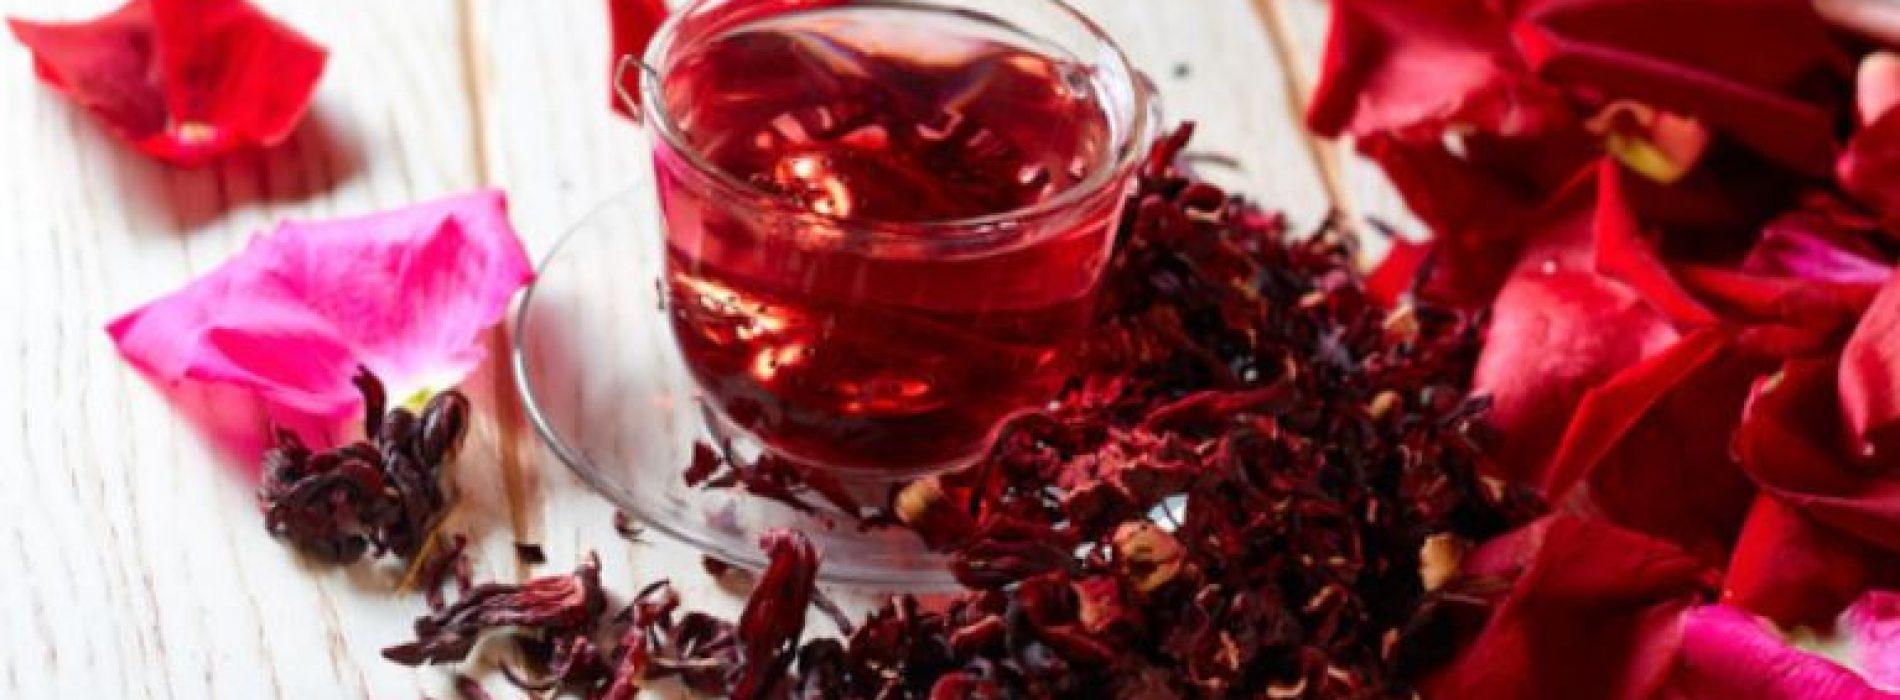 6 geneeskrachtige eigenschappen van hibiscus